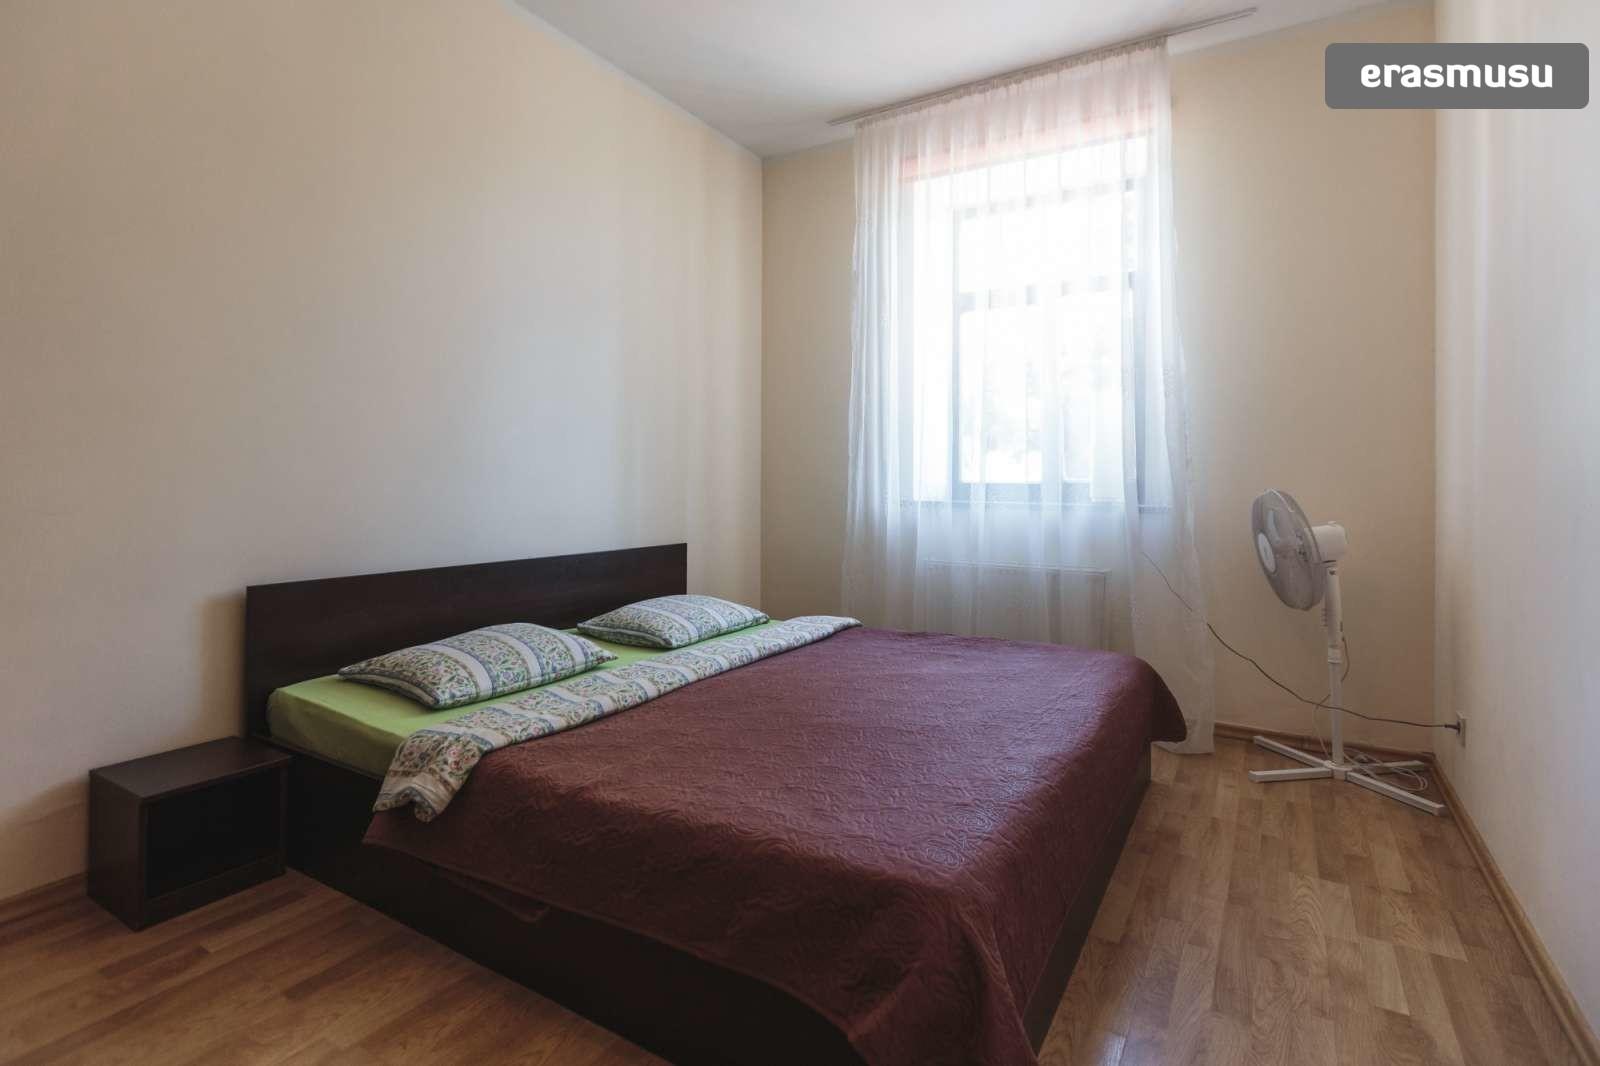 1-bedroom-apartment-rent-maskavas-forstate-ea9be208390549ec30a30